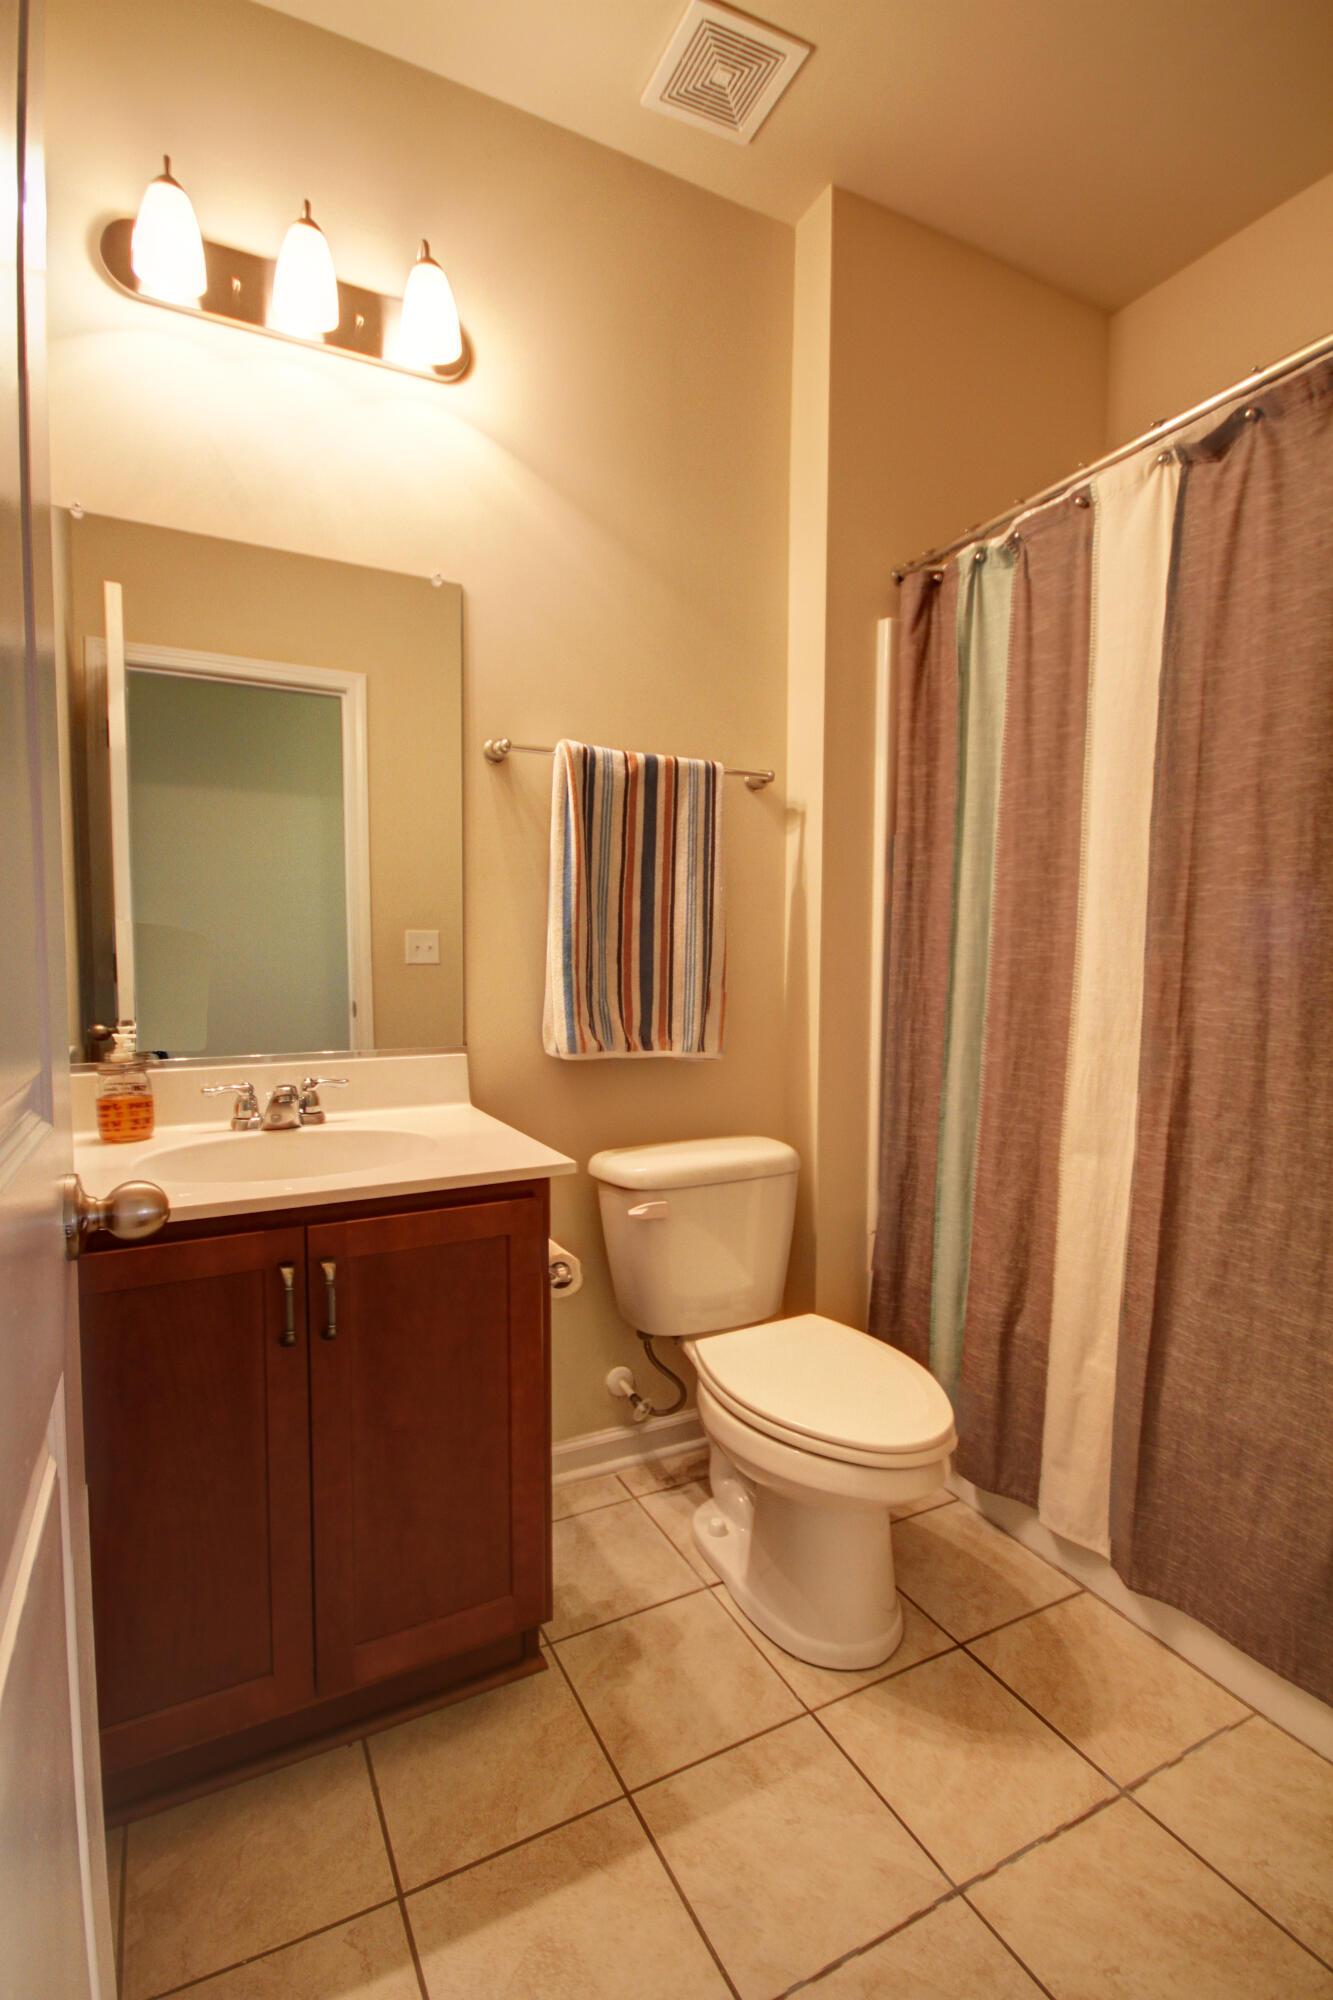 Park West Homes For Sale - 2597 Larch, Mount Pleasant, SC - 0